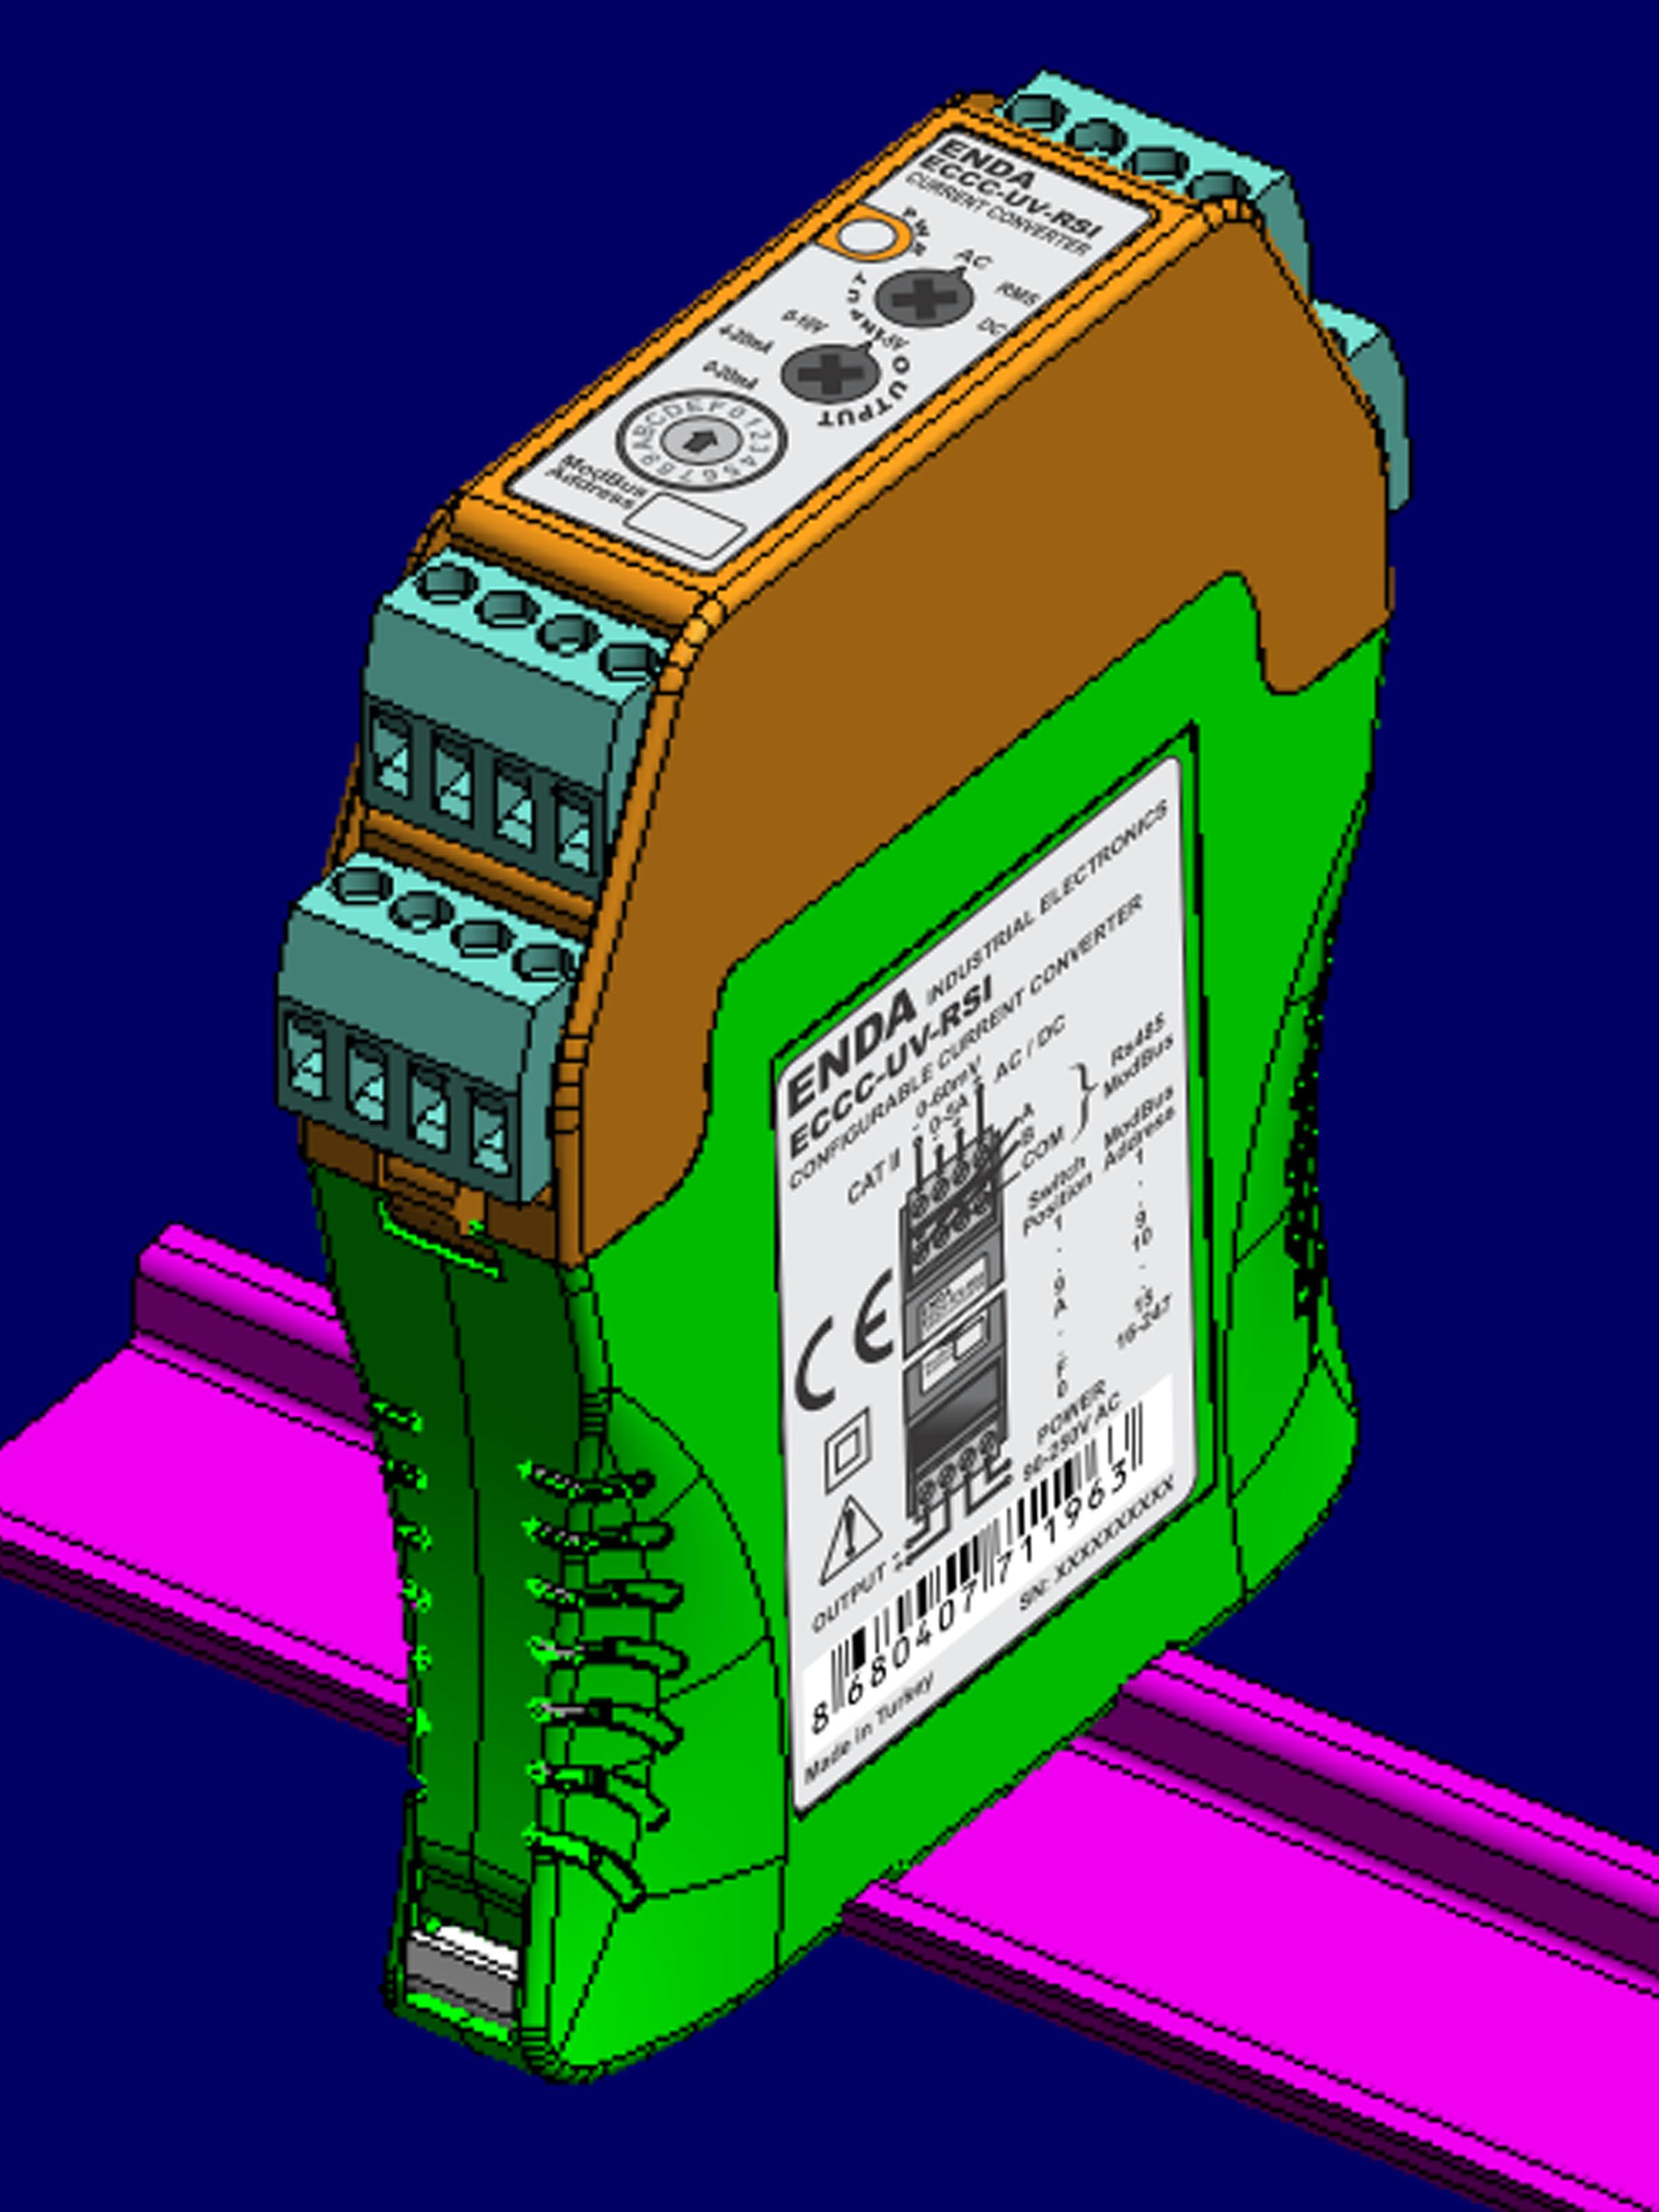 Bộ chuyển đổi tín hiệu 0-5A sang 4-20ma